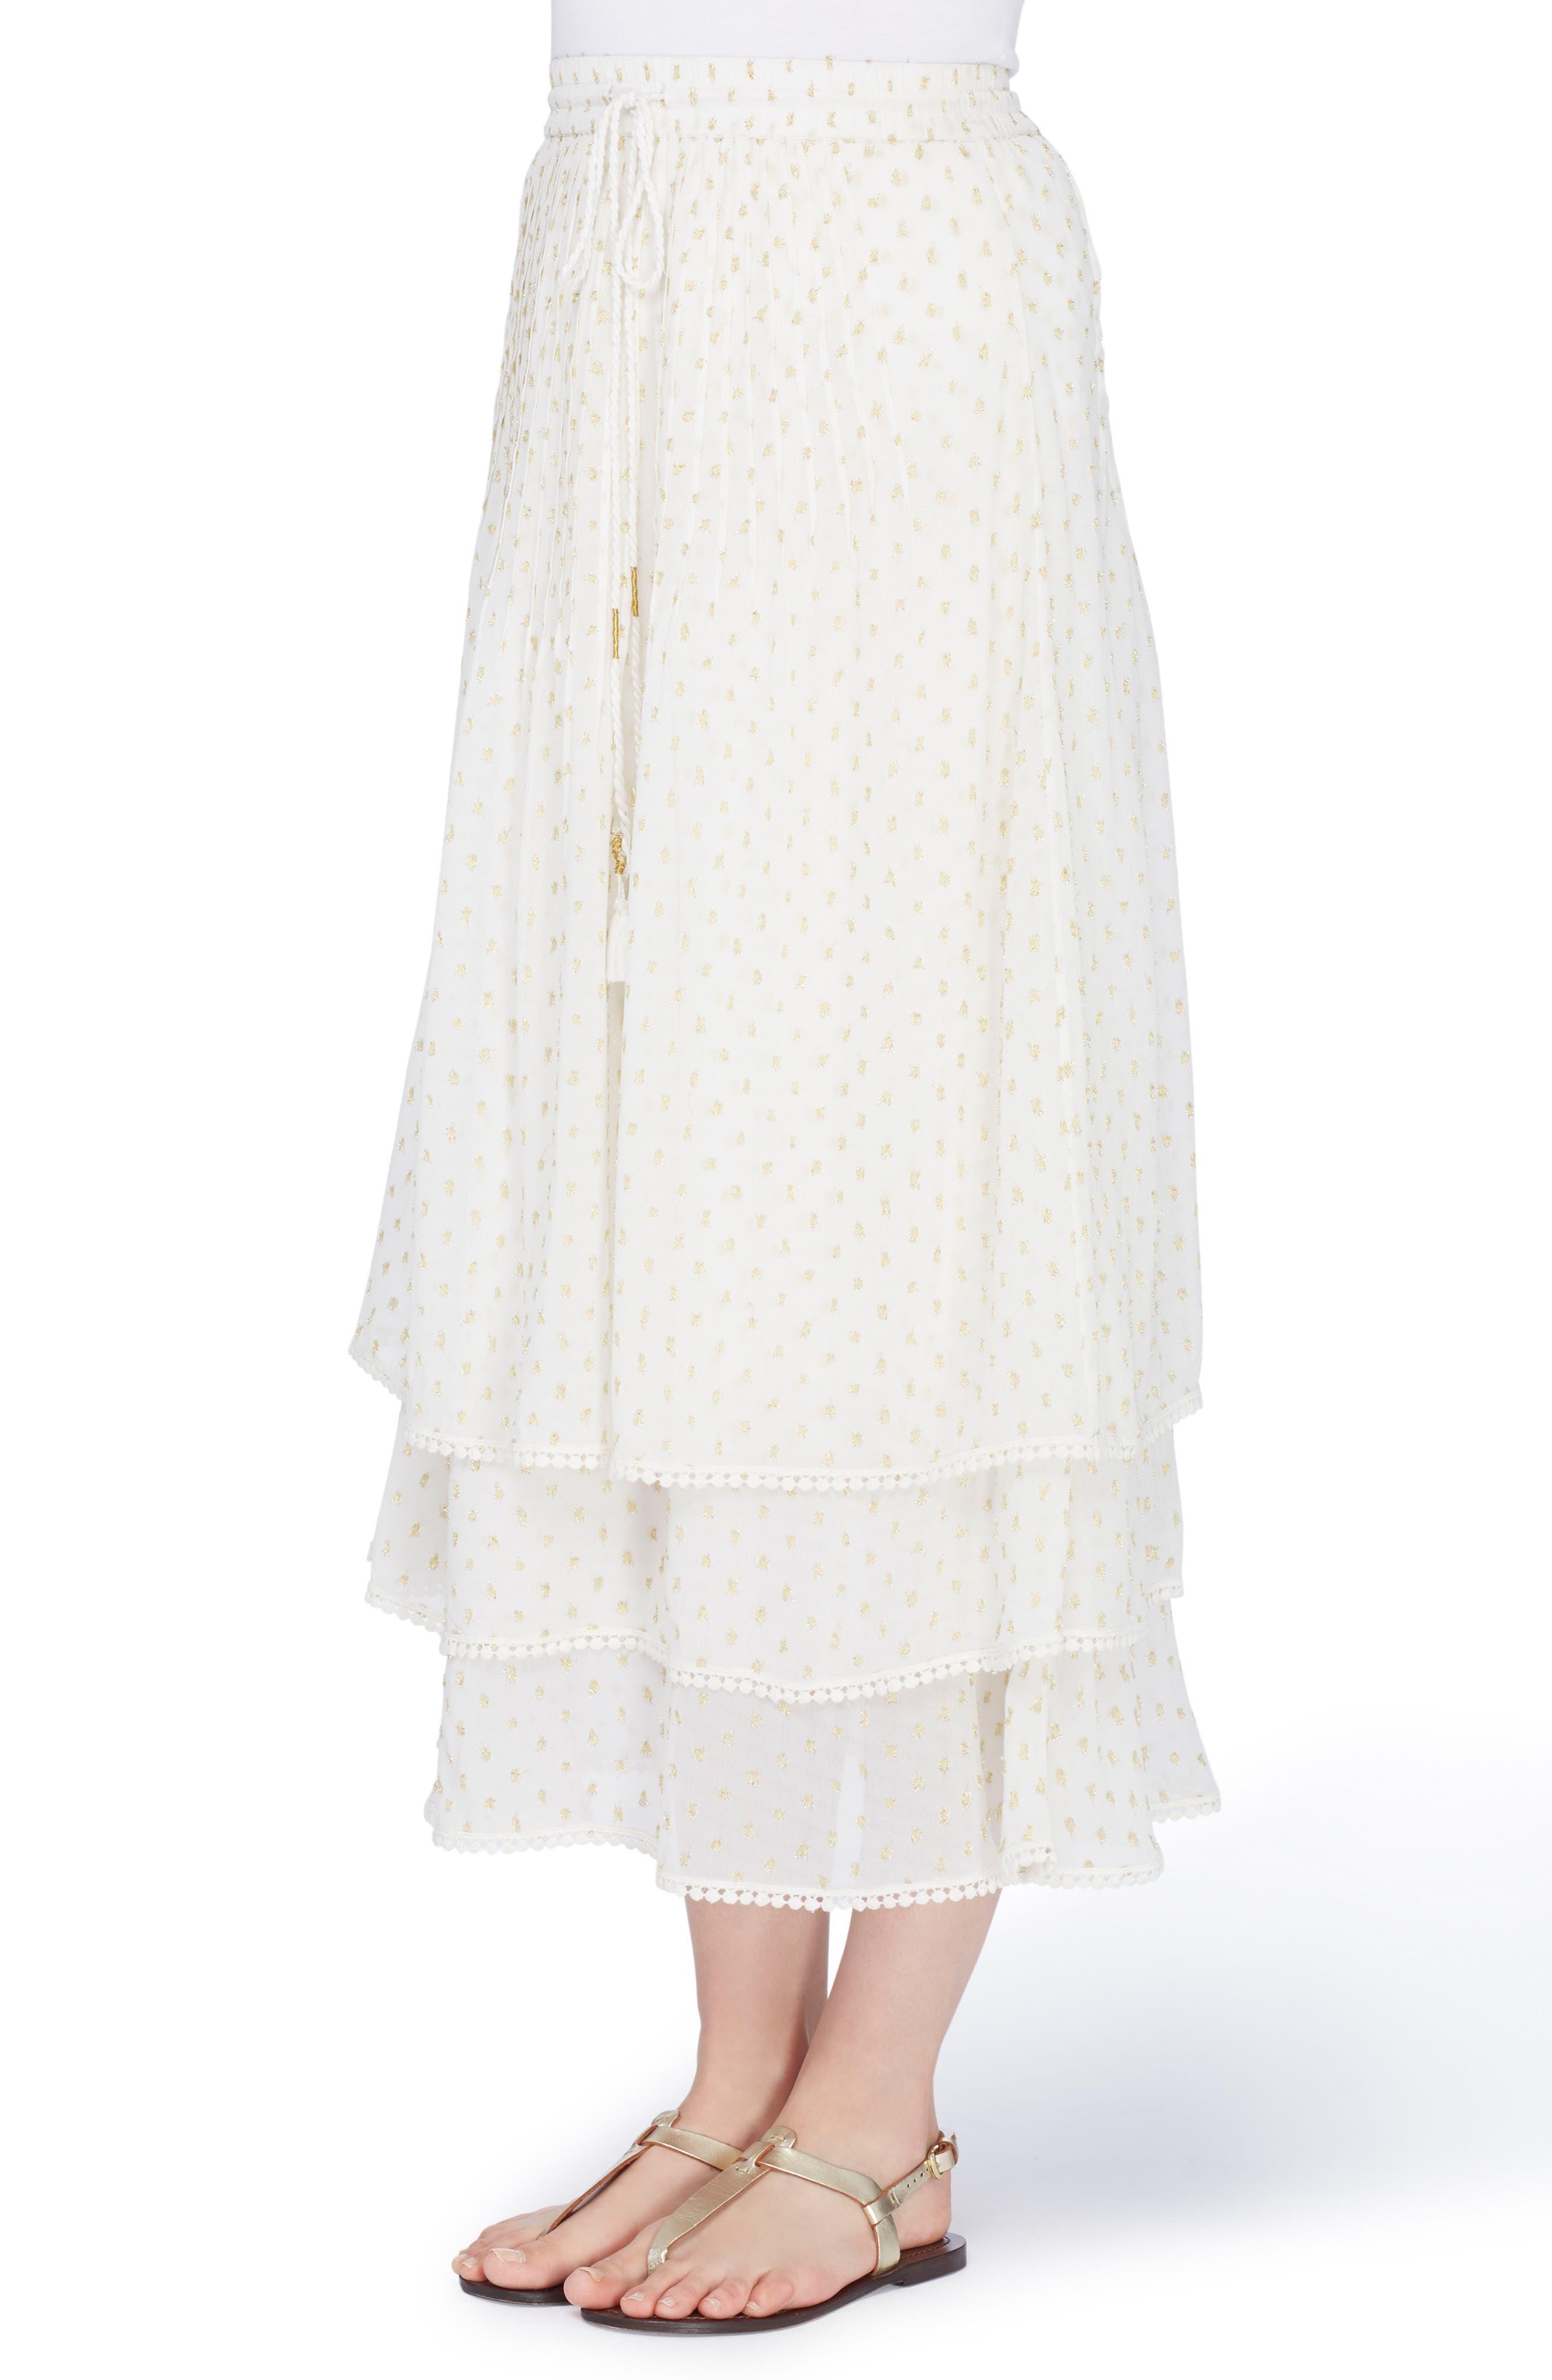 Catherine Catherine Malandrino Berbas Clipped Jacquard Tiered Skirt